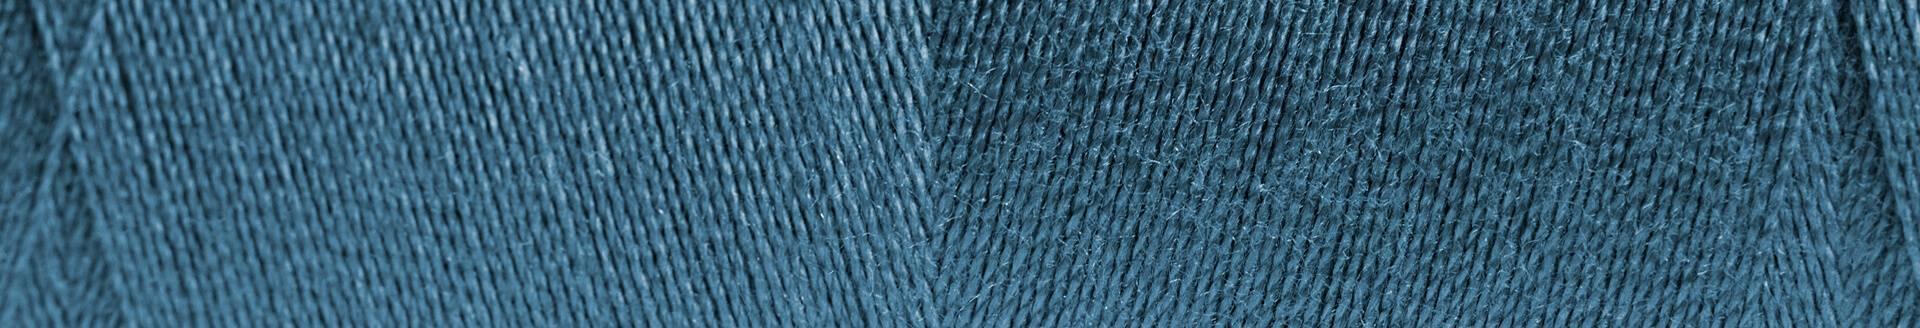 Venta online de hilos de canilla para bordar, en conos y prebobinado